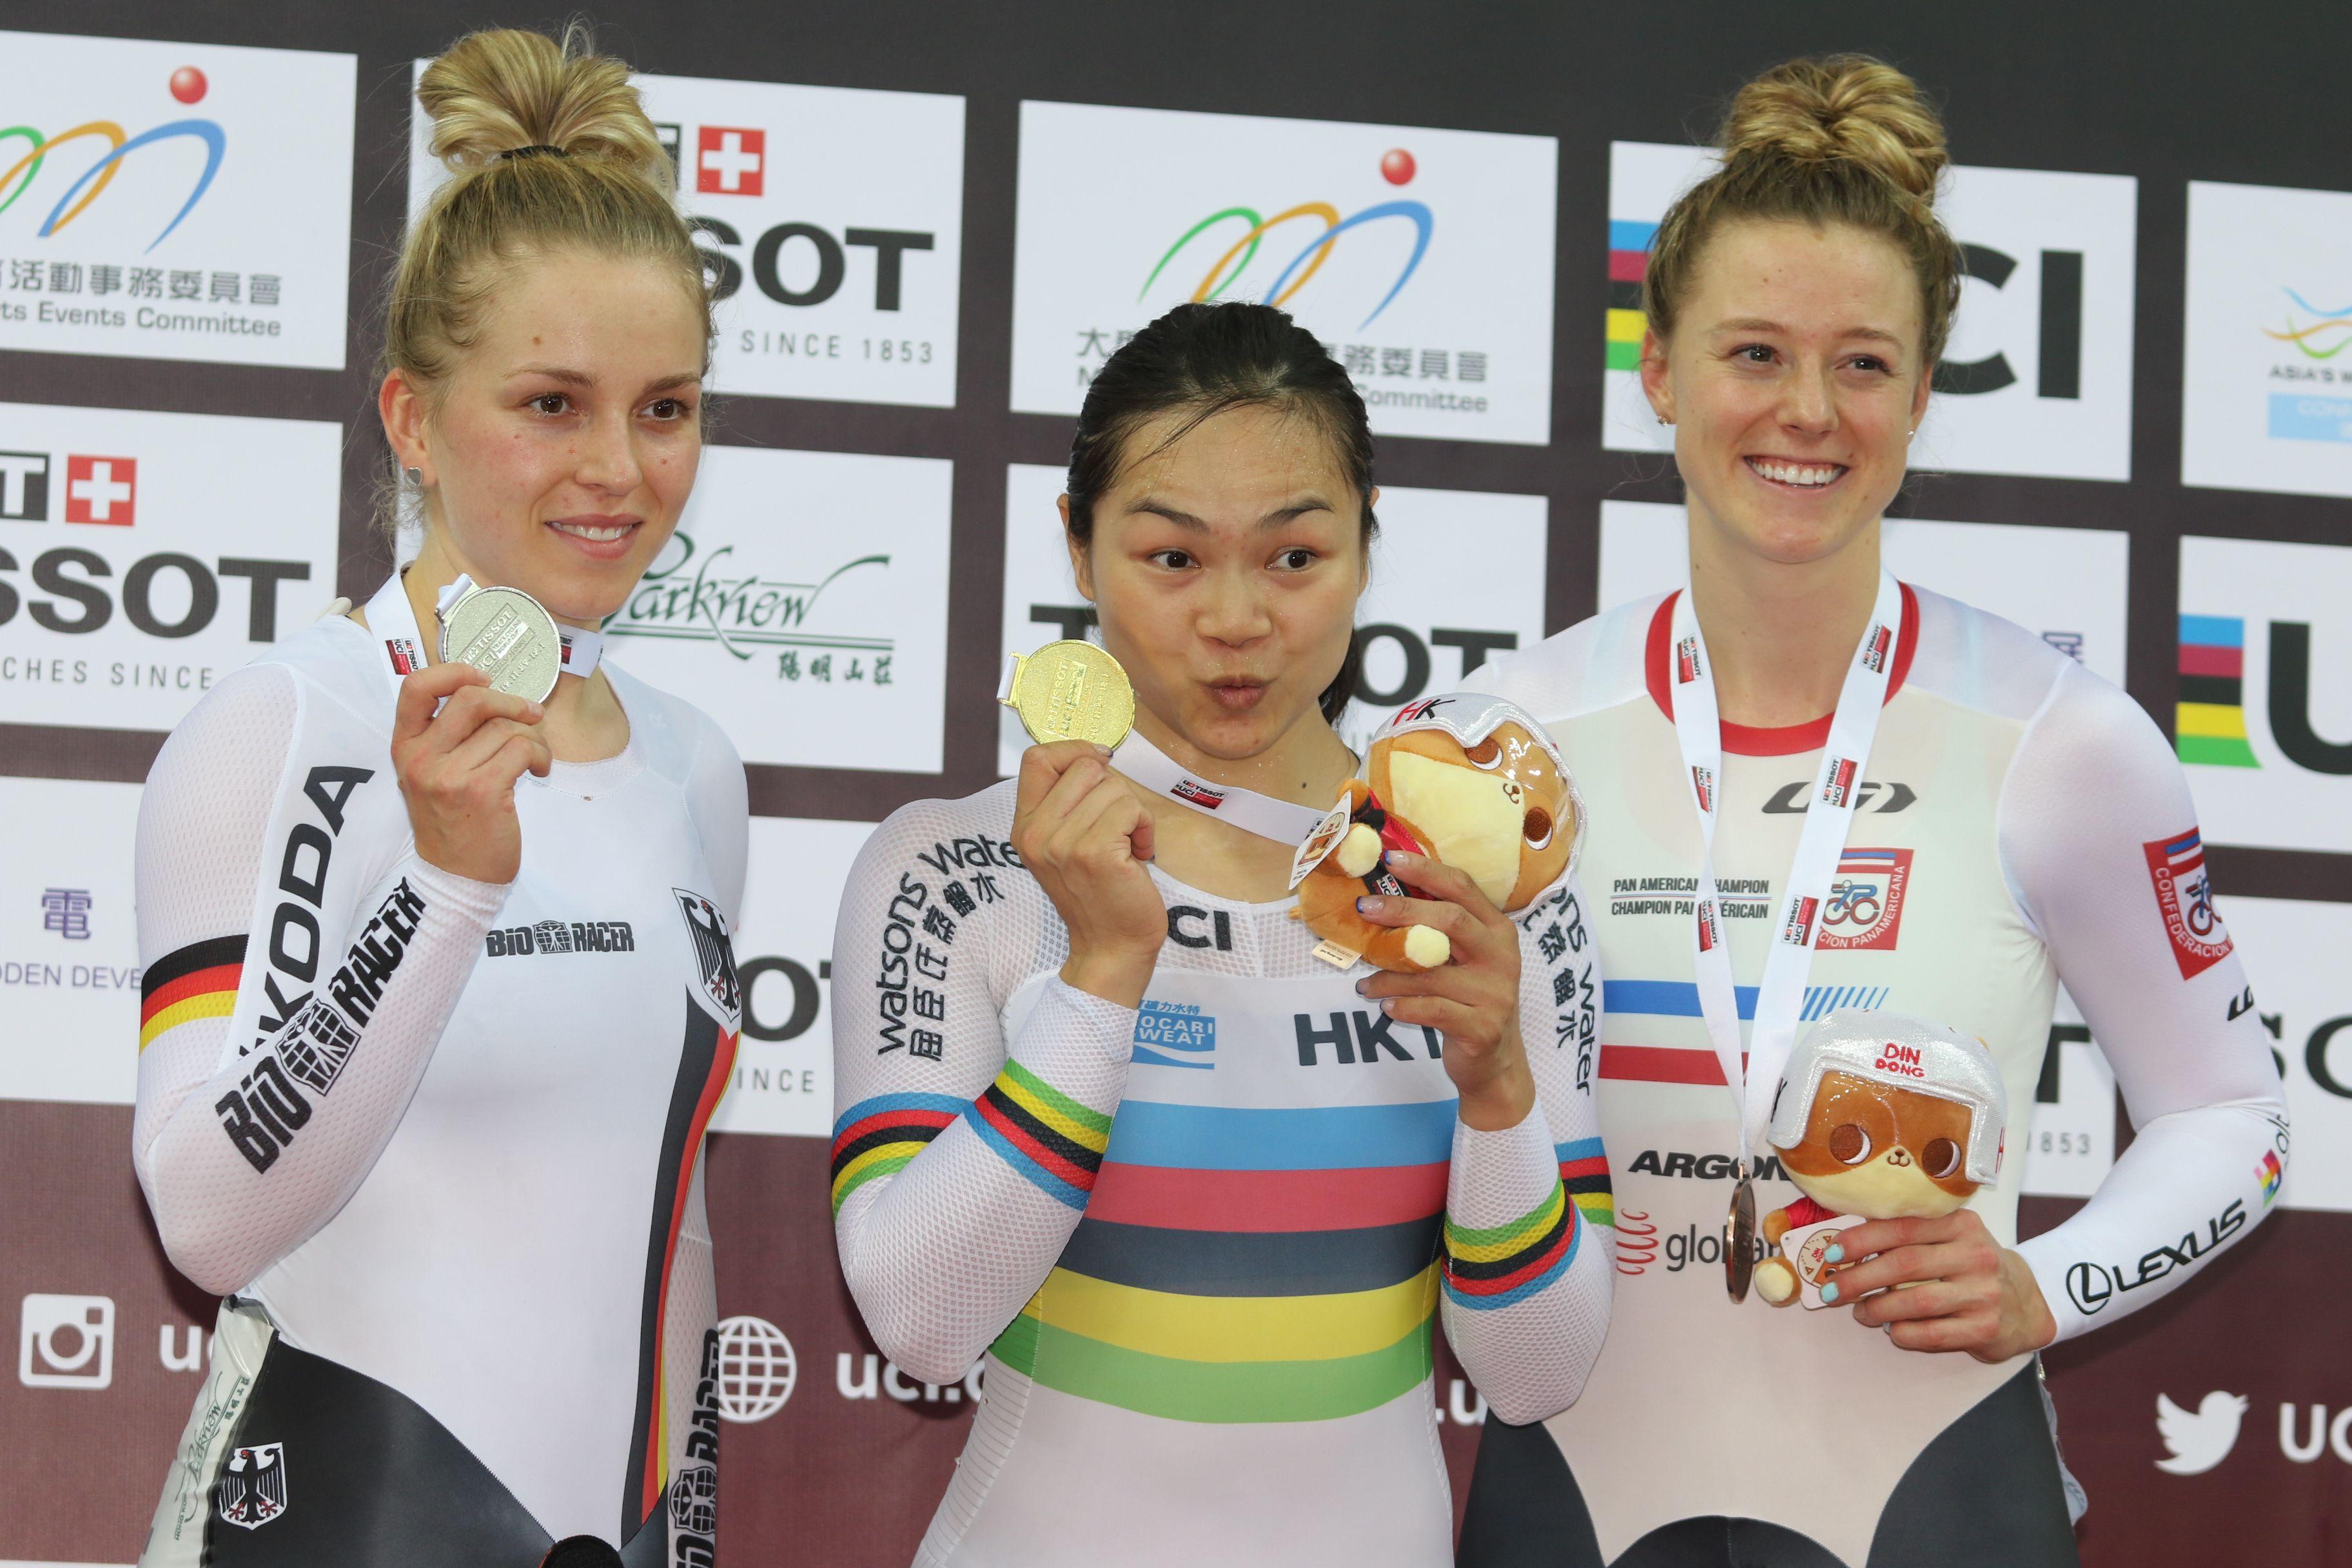 昨日於女子爭先賽奪季軍的加拿大新星米歇爾(右),今年九月打破德國退役名將禾姫保持的200米計時賽世績,或成李慧詩的新勁敵。王嘉豪攝